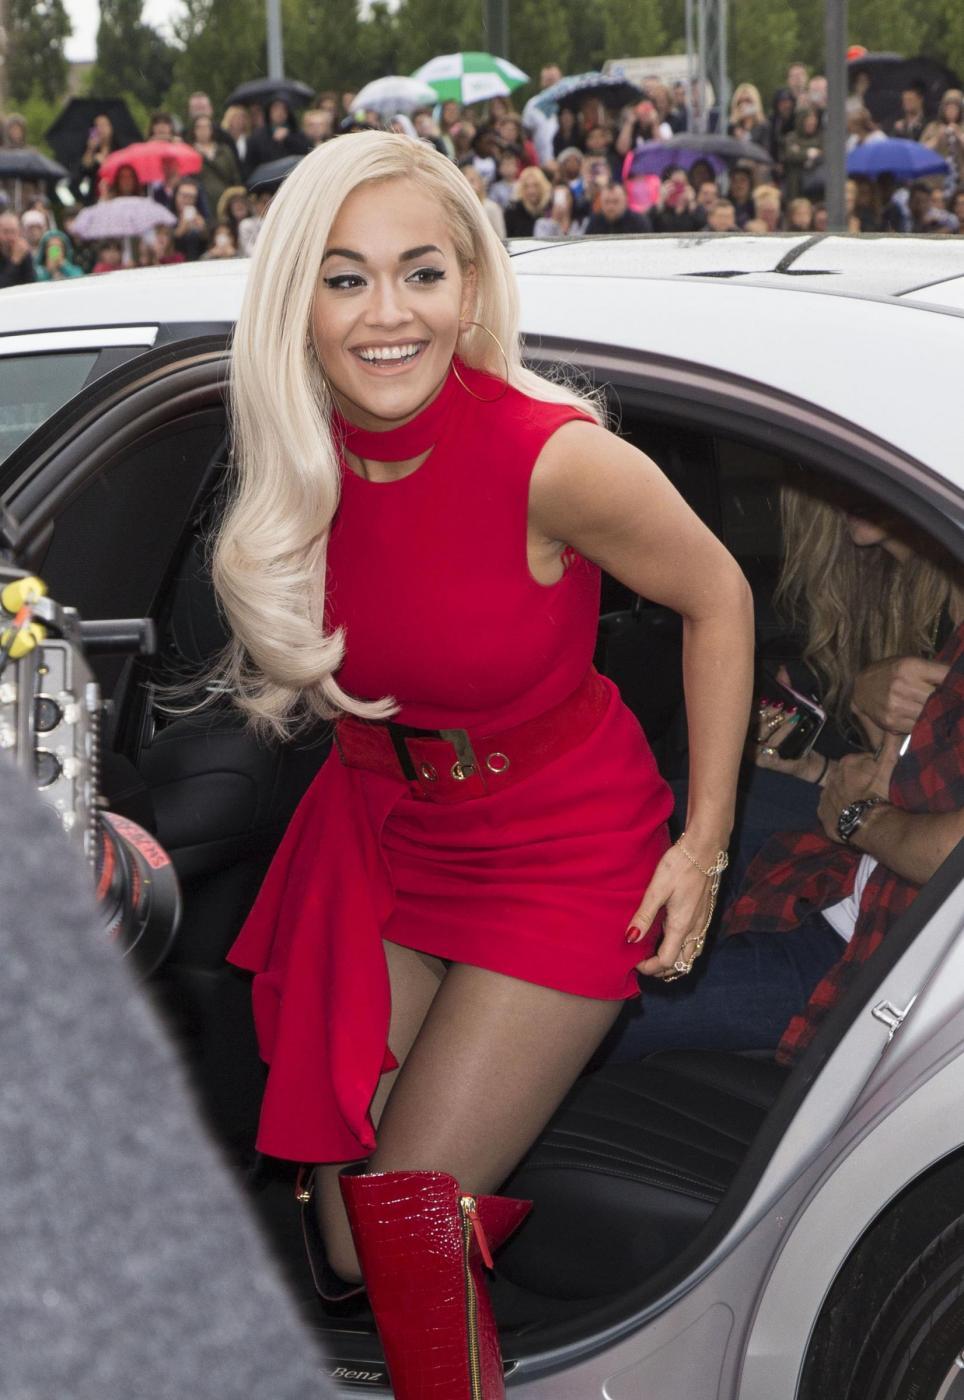 Rita Ora copia Irina Shayk: stesso abito rosso firmato Versace FOTO